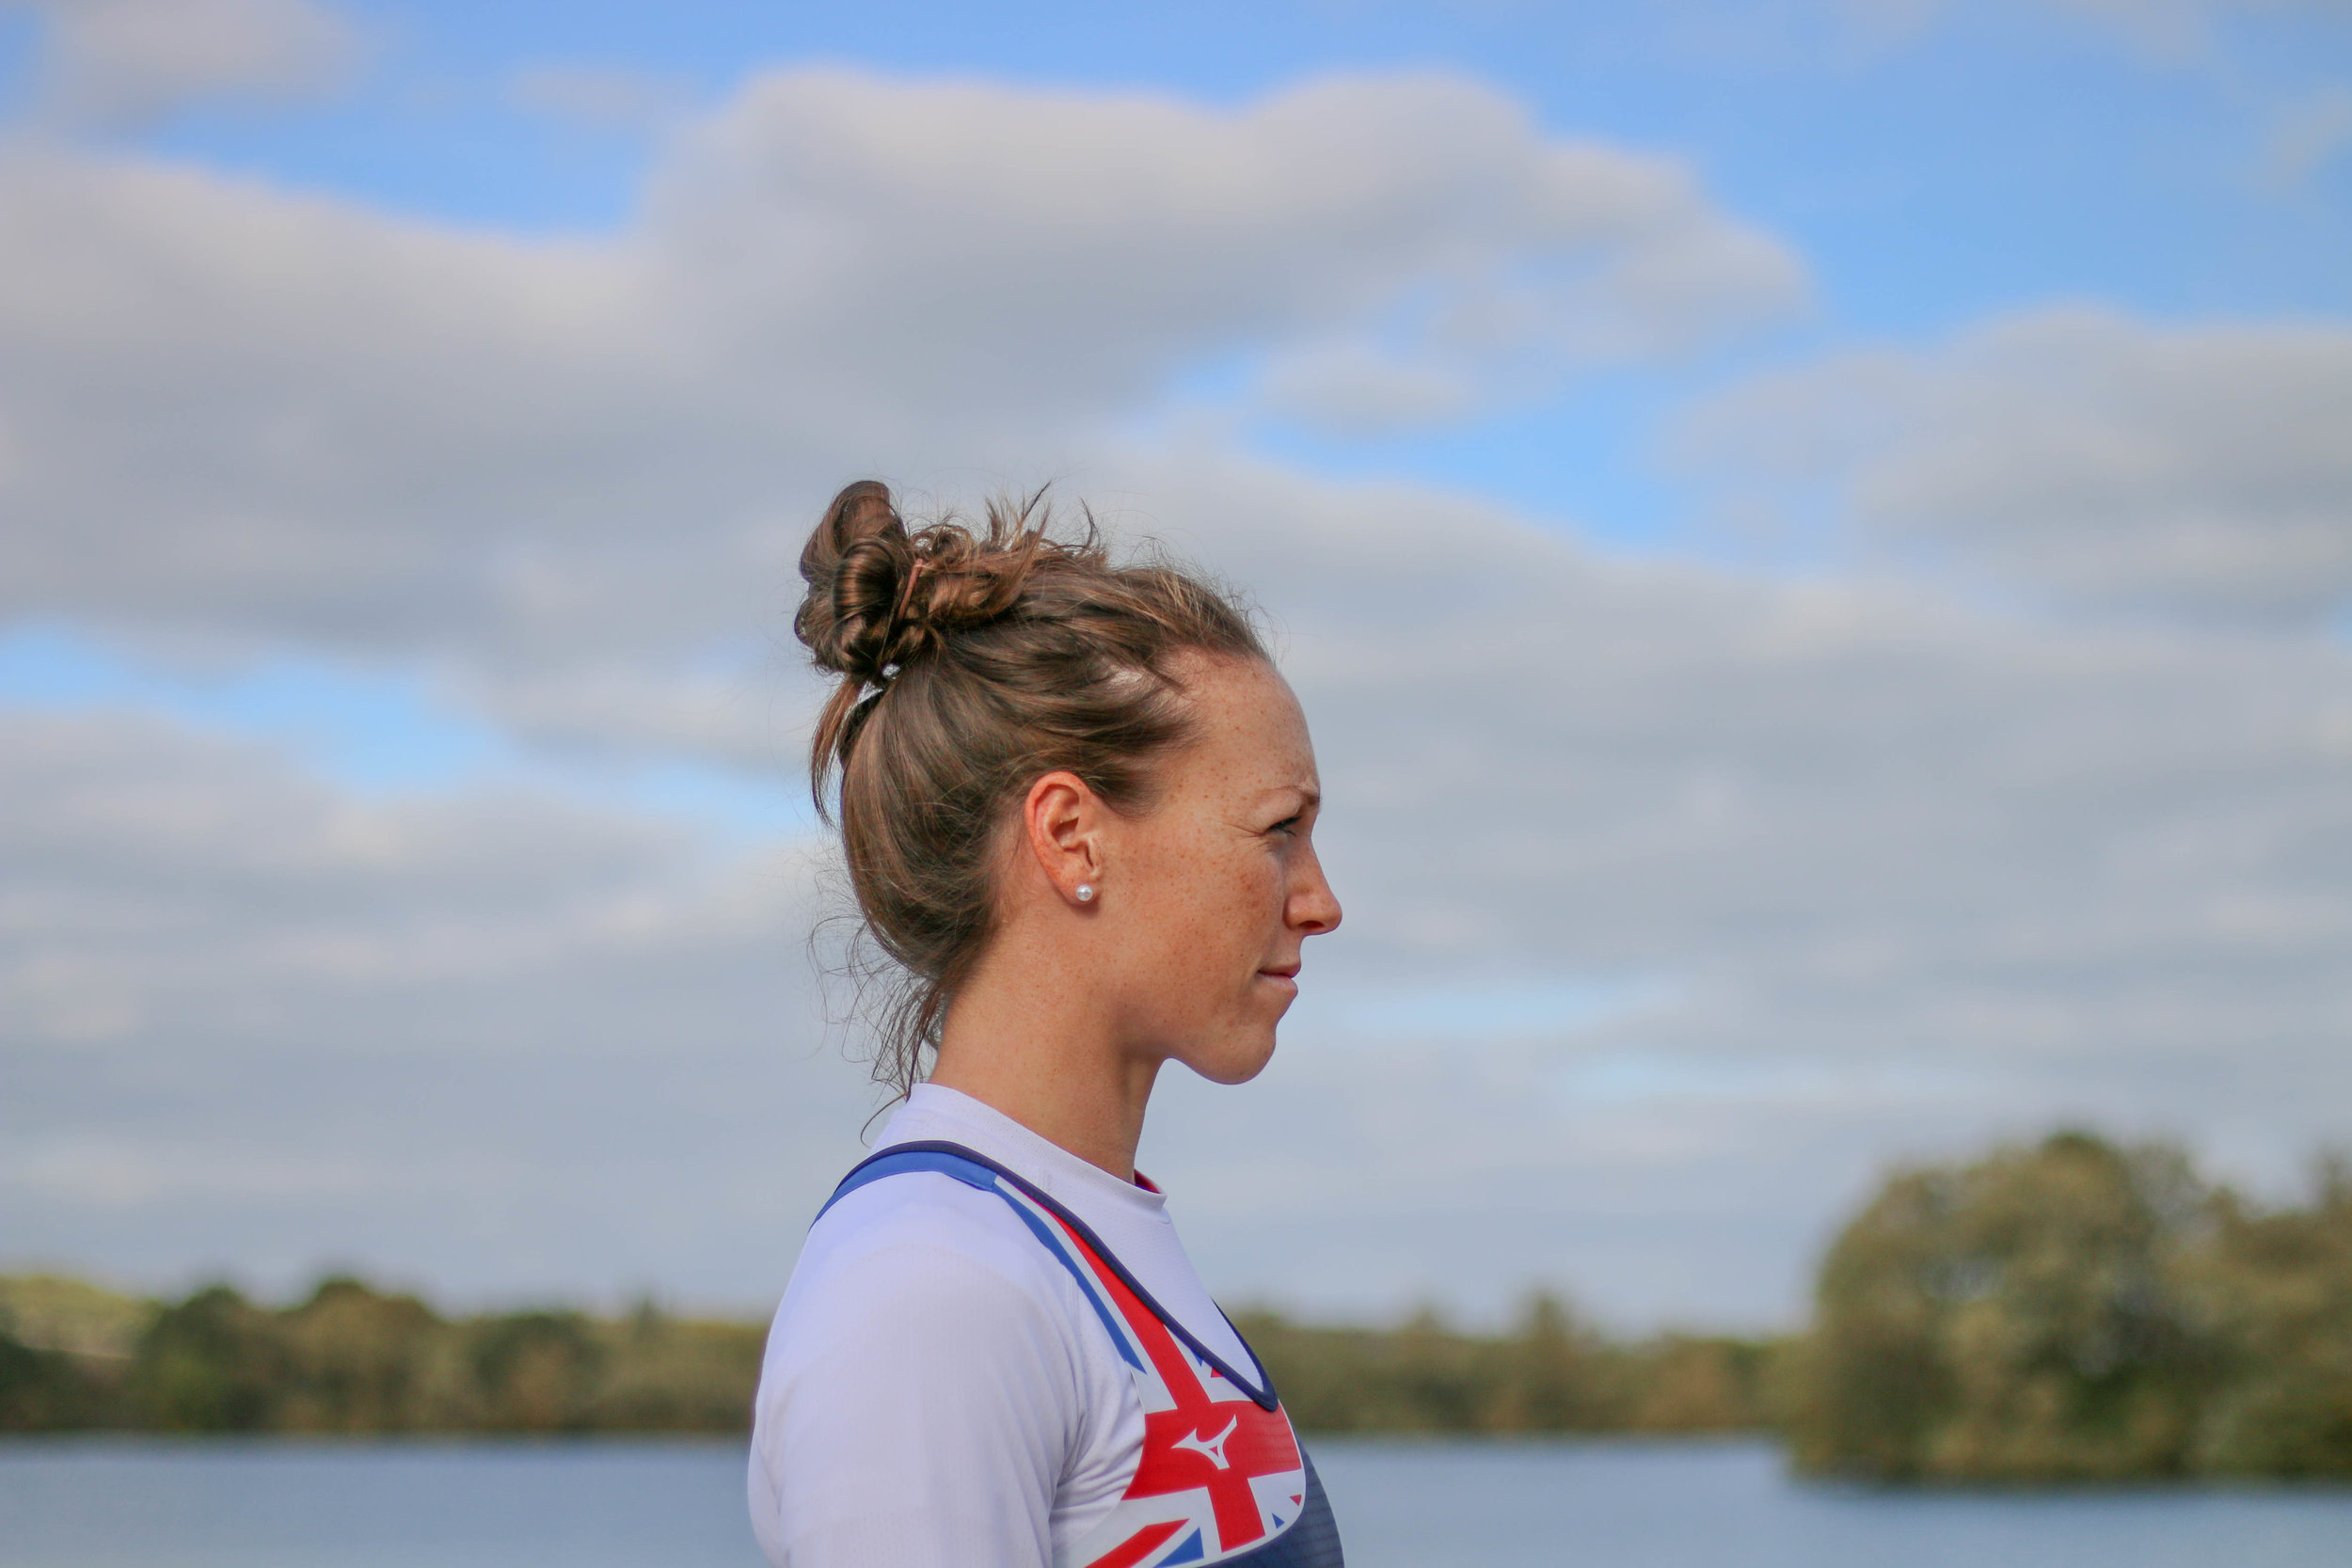 womens-sport-karen-bennett-rowing-athlete31.jpg